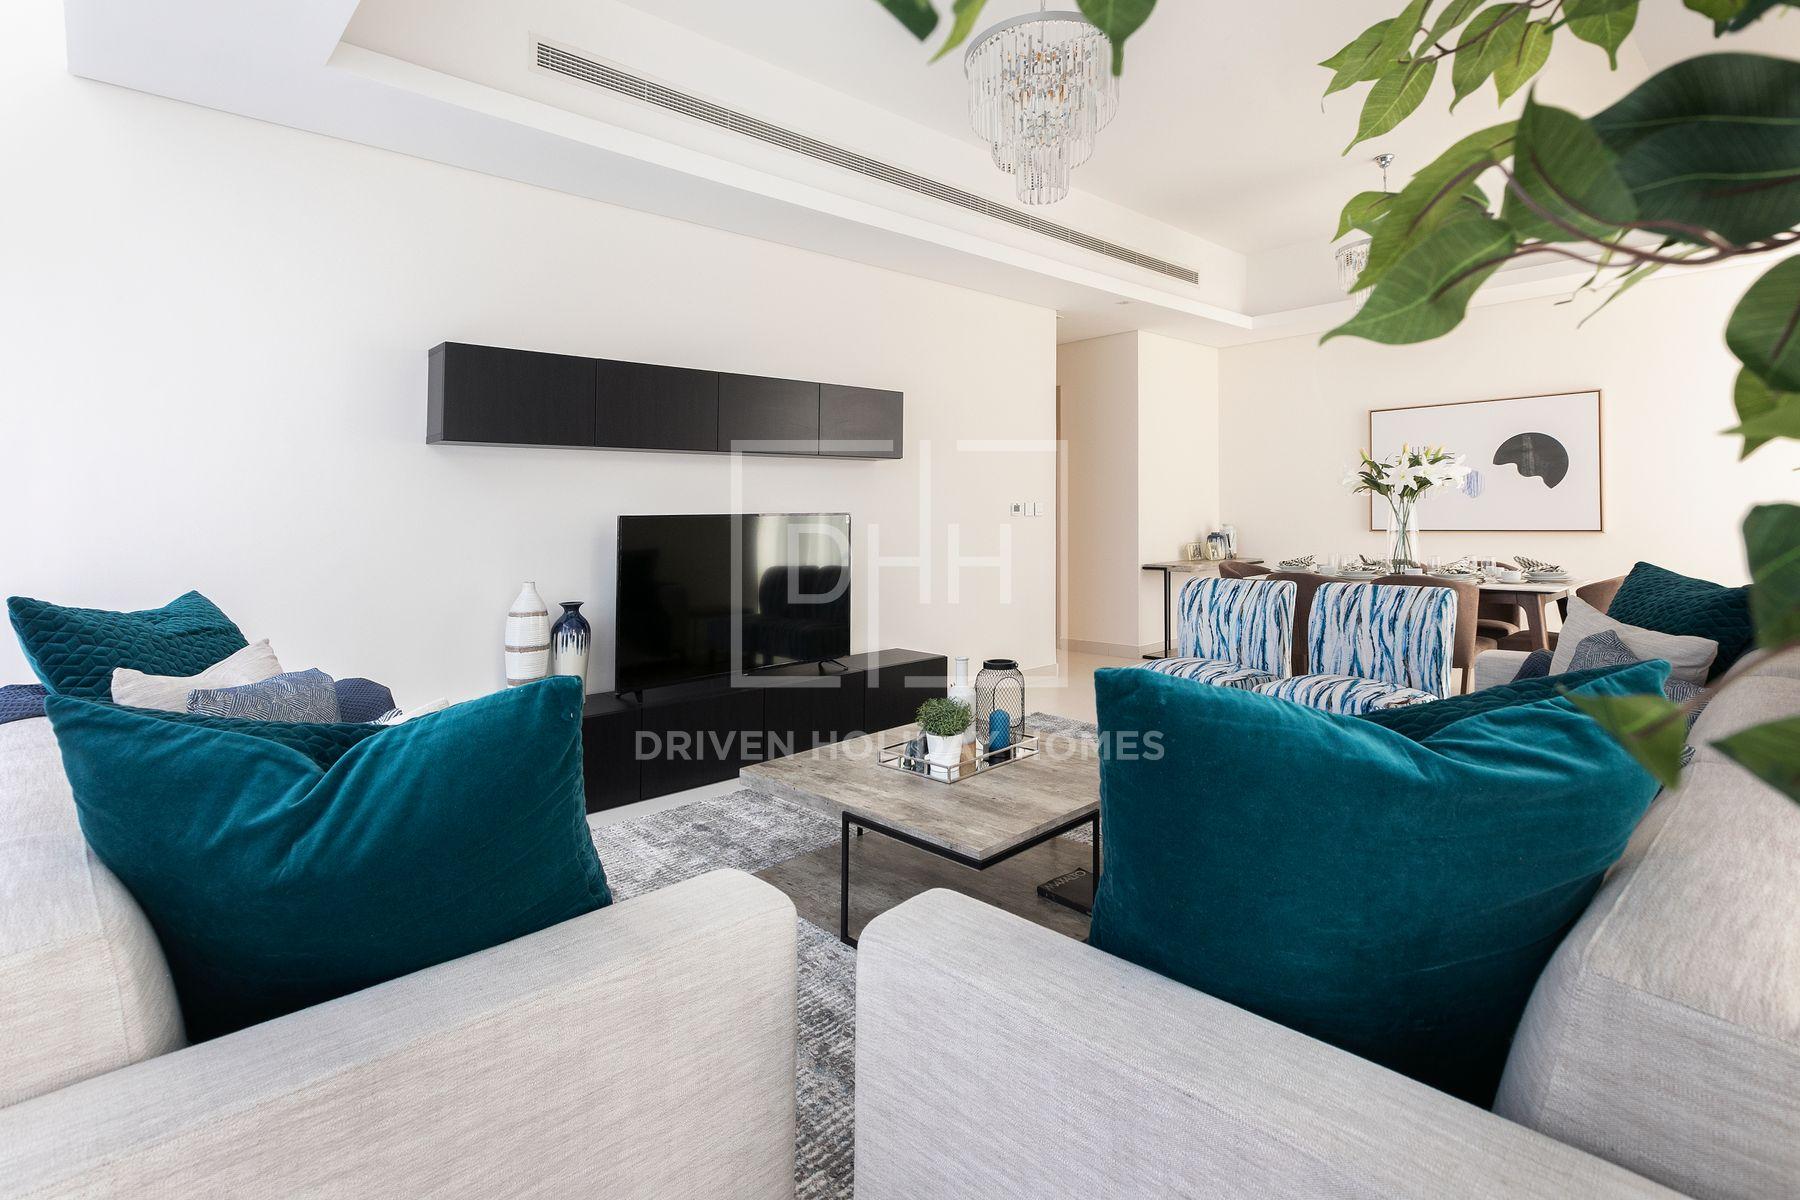 للايجار - شقة - مادا رزدنزس من ارتار - دبي وسط المدينة